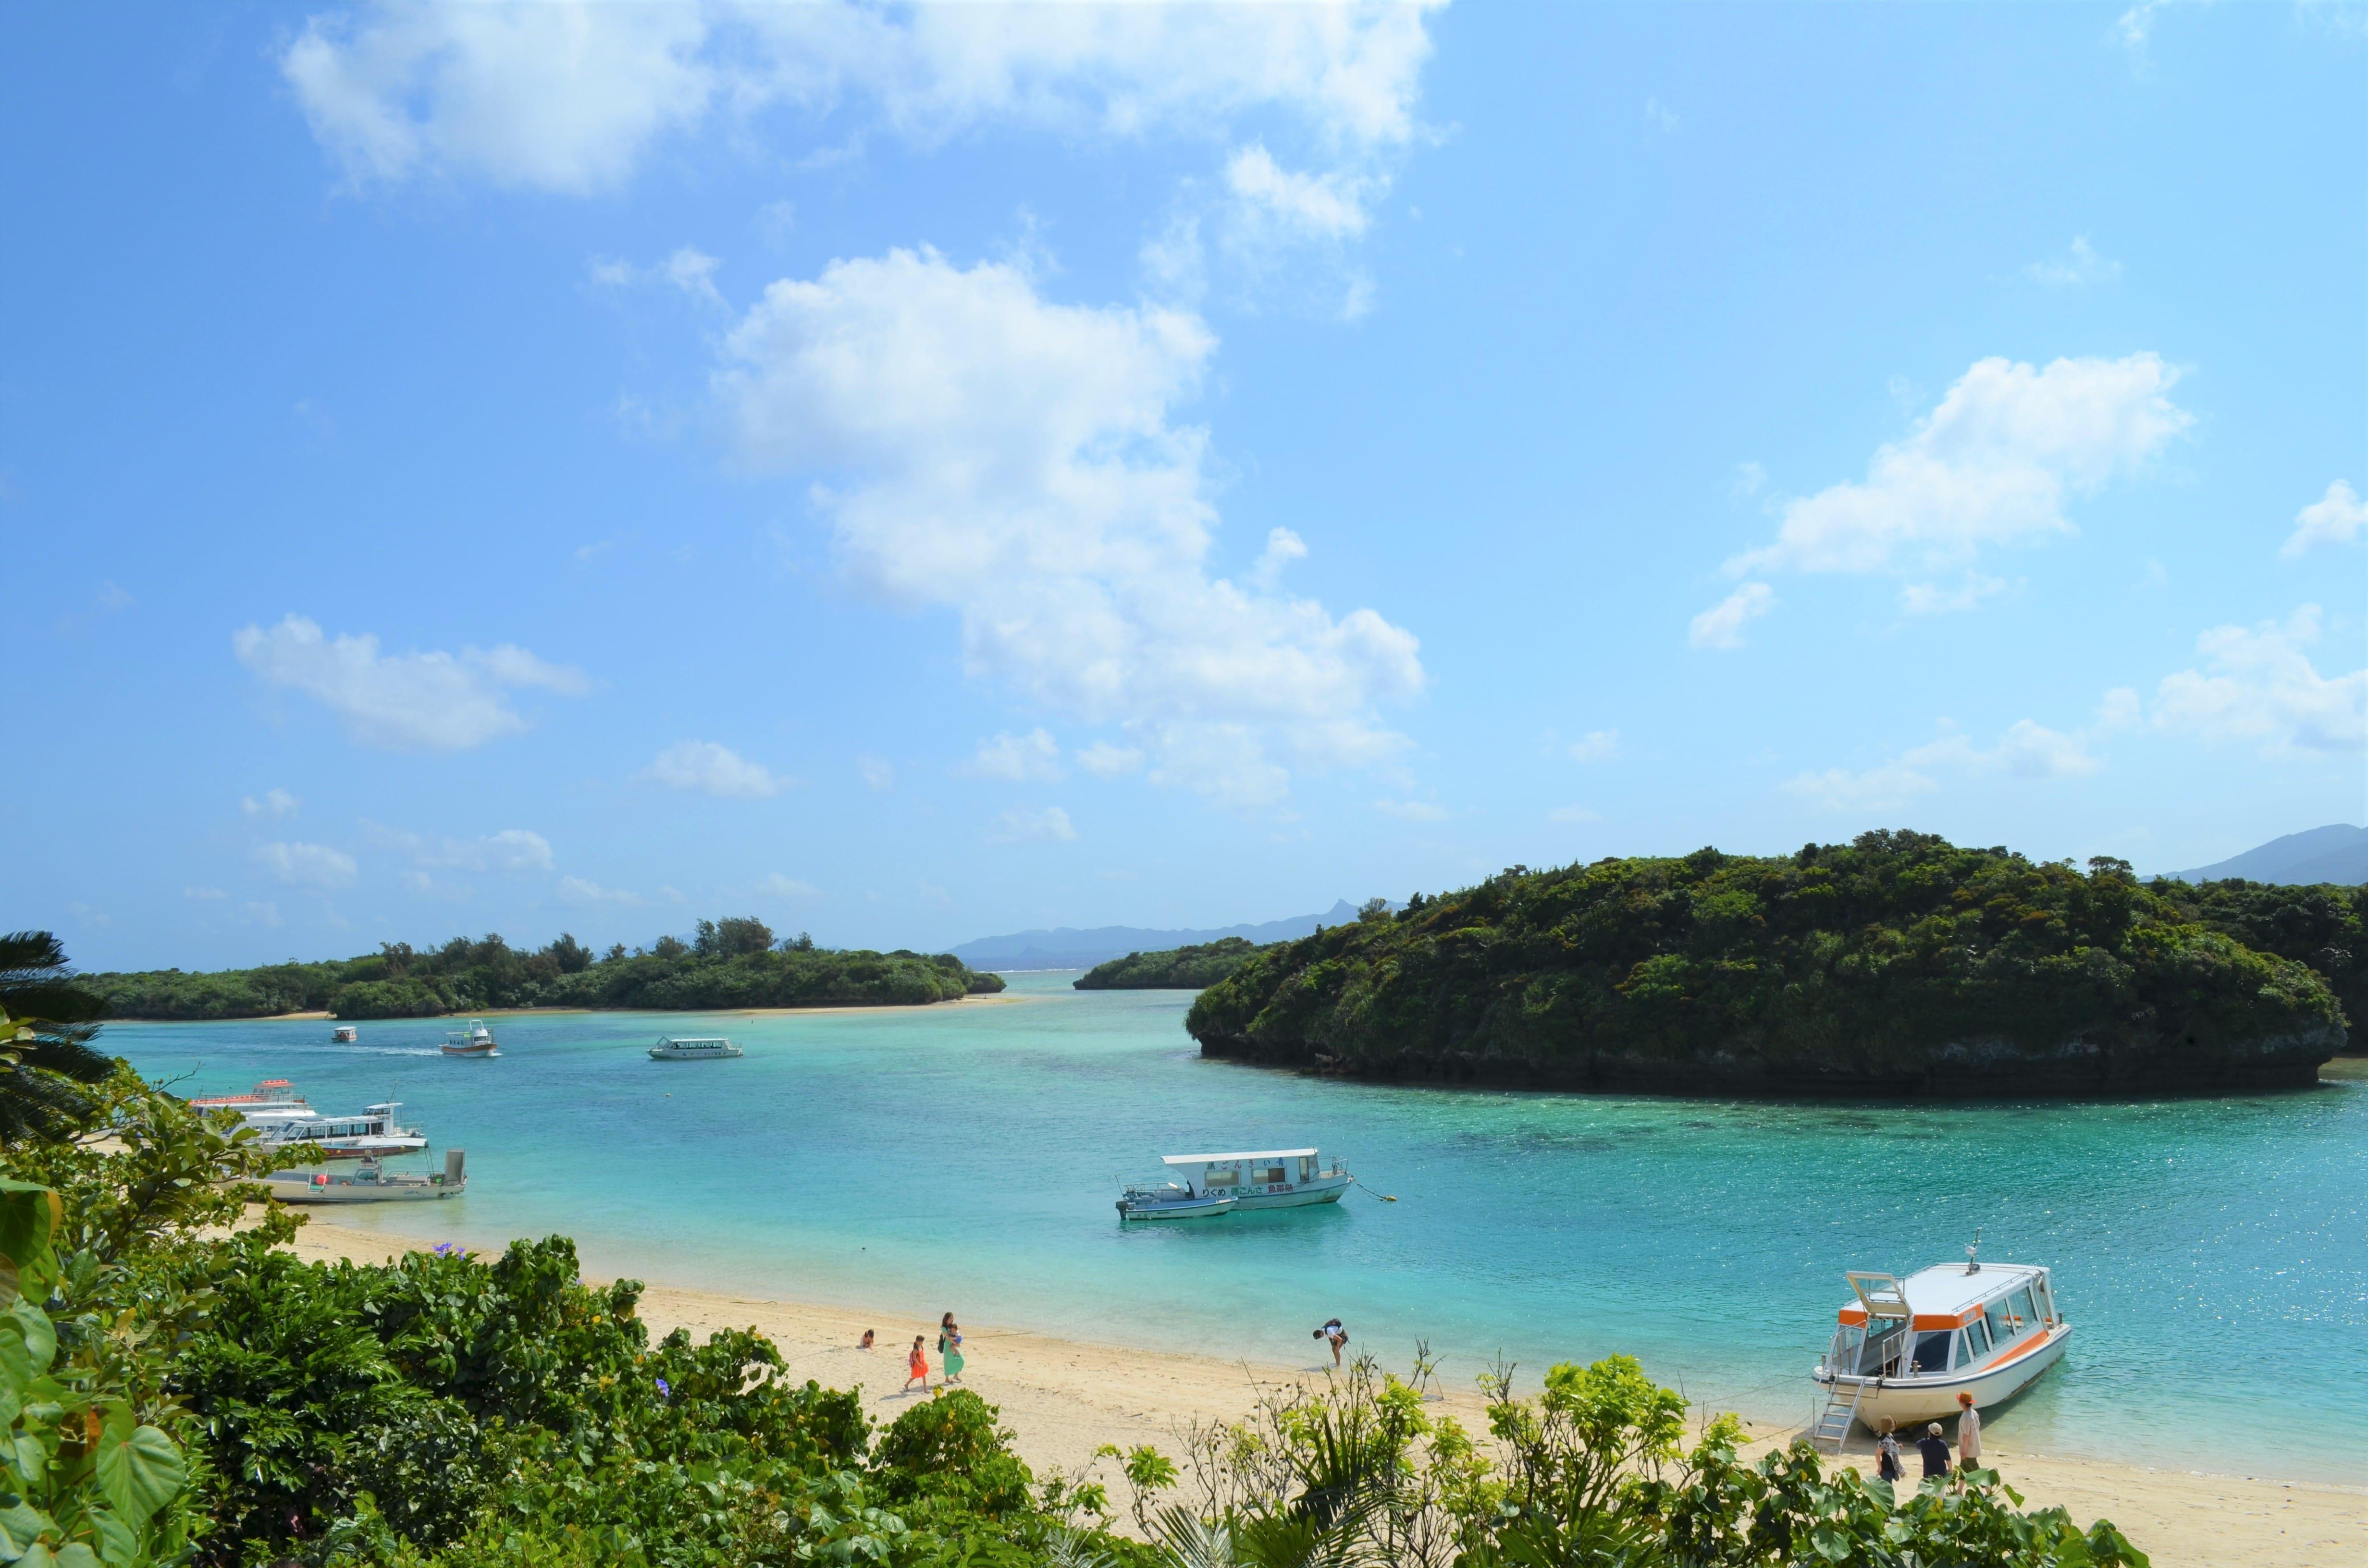 好攝!美到存照空間不夠用…「日本秘境百選之一」藍寶石石垣海島大公開!